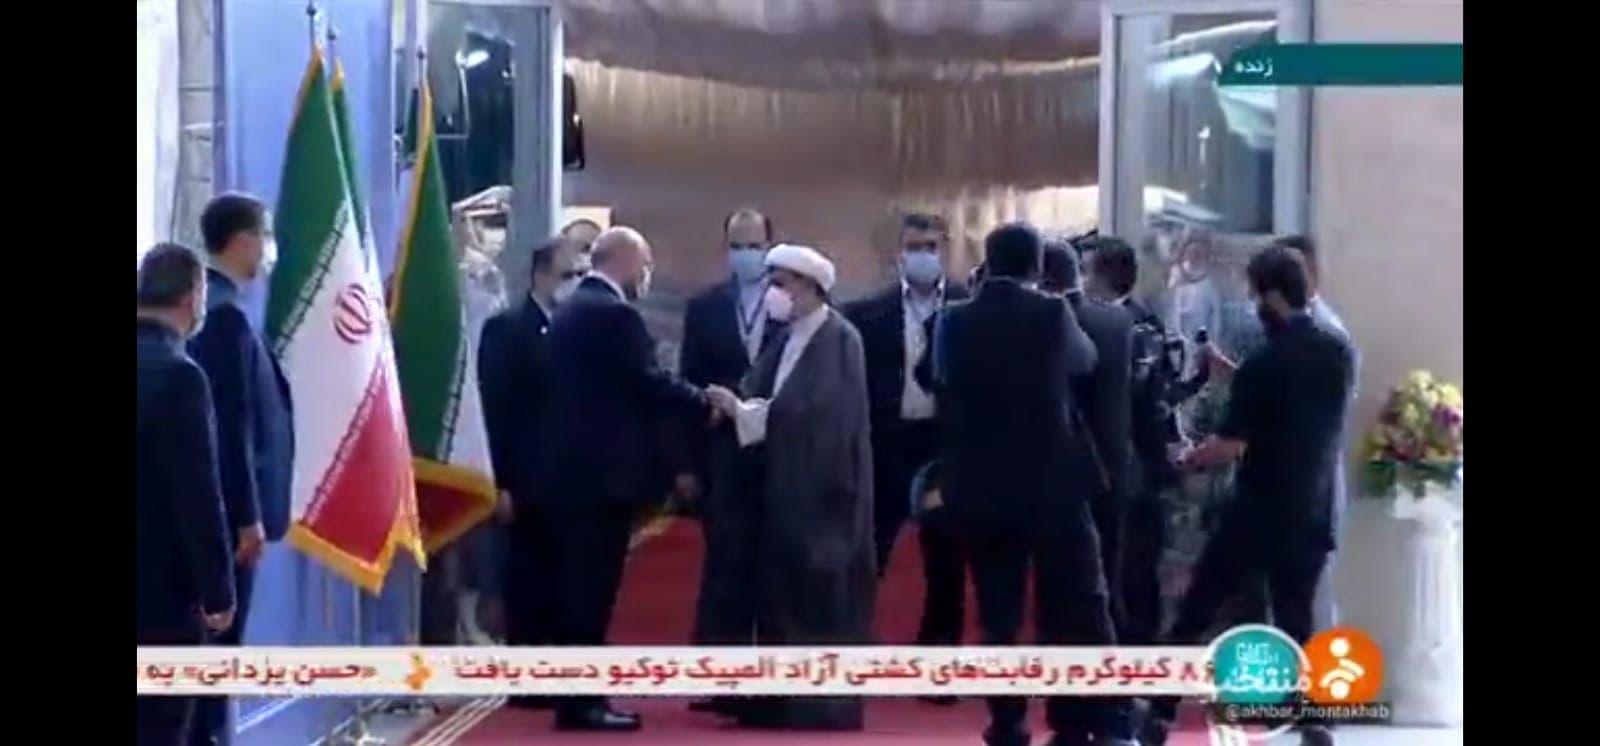 حسين الديهي في البرلمان الإيراني